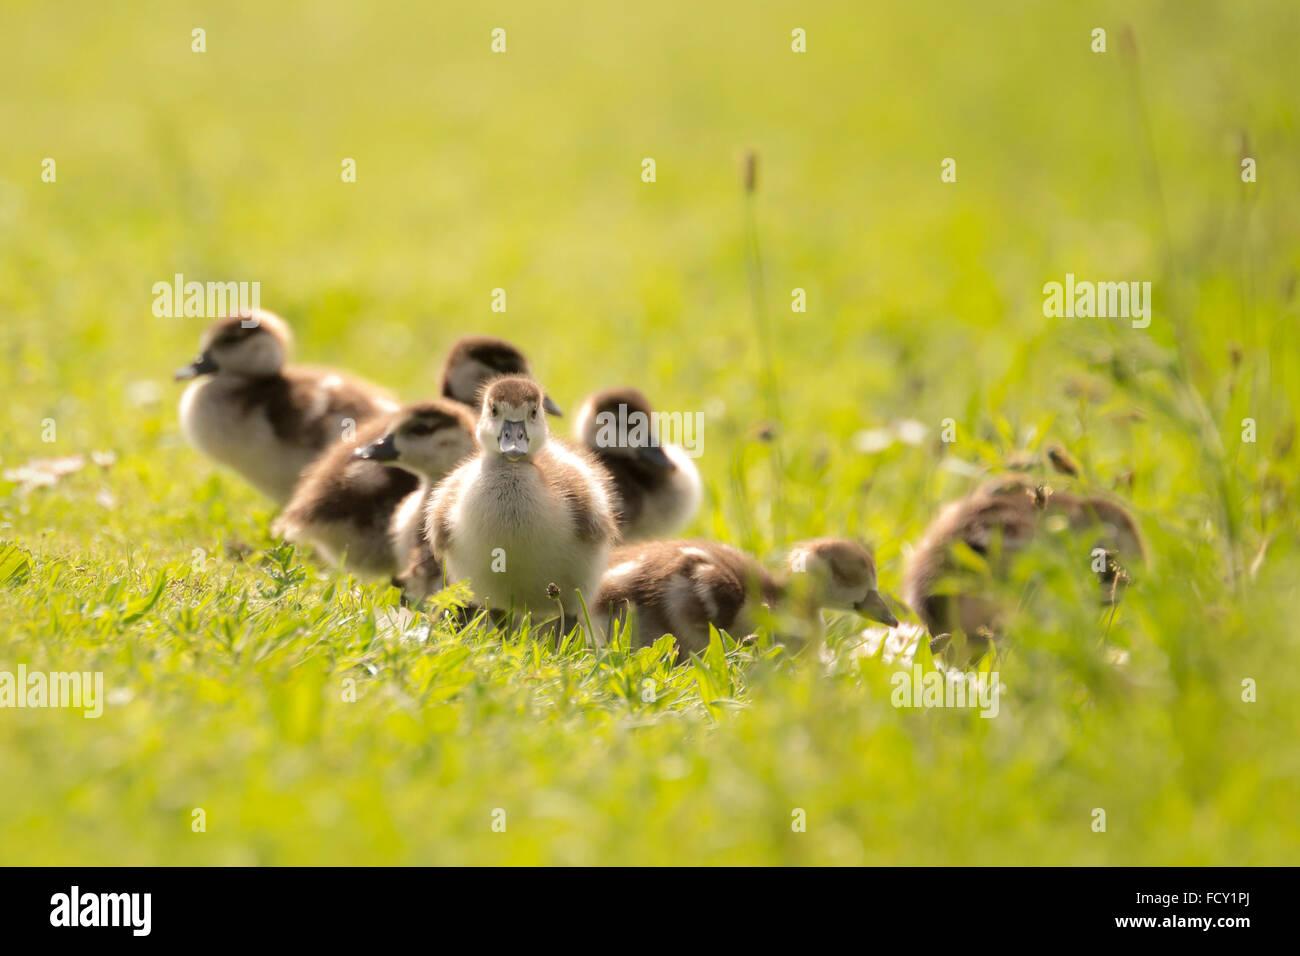 Groupe d'Egyptian goose (Alopochen aegyptiacus) poussins explorer le monde à pied et une prairie avec des Photo Stock